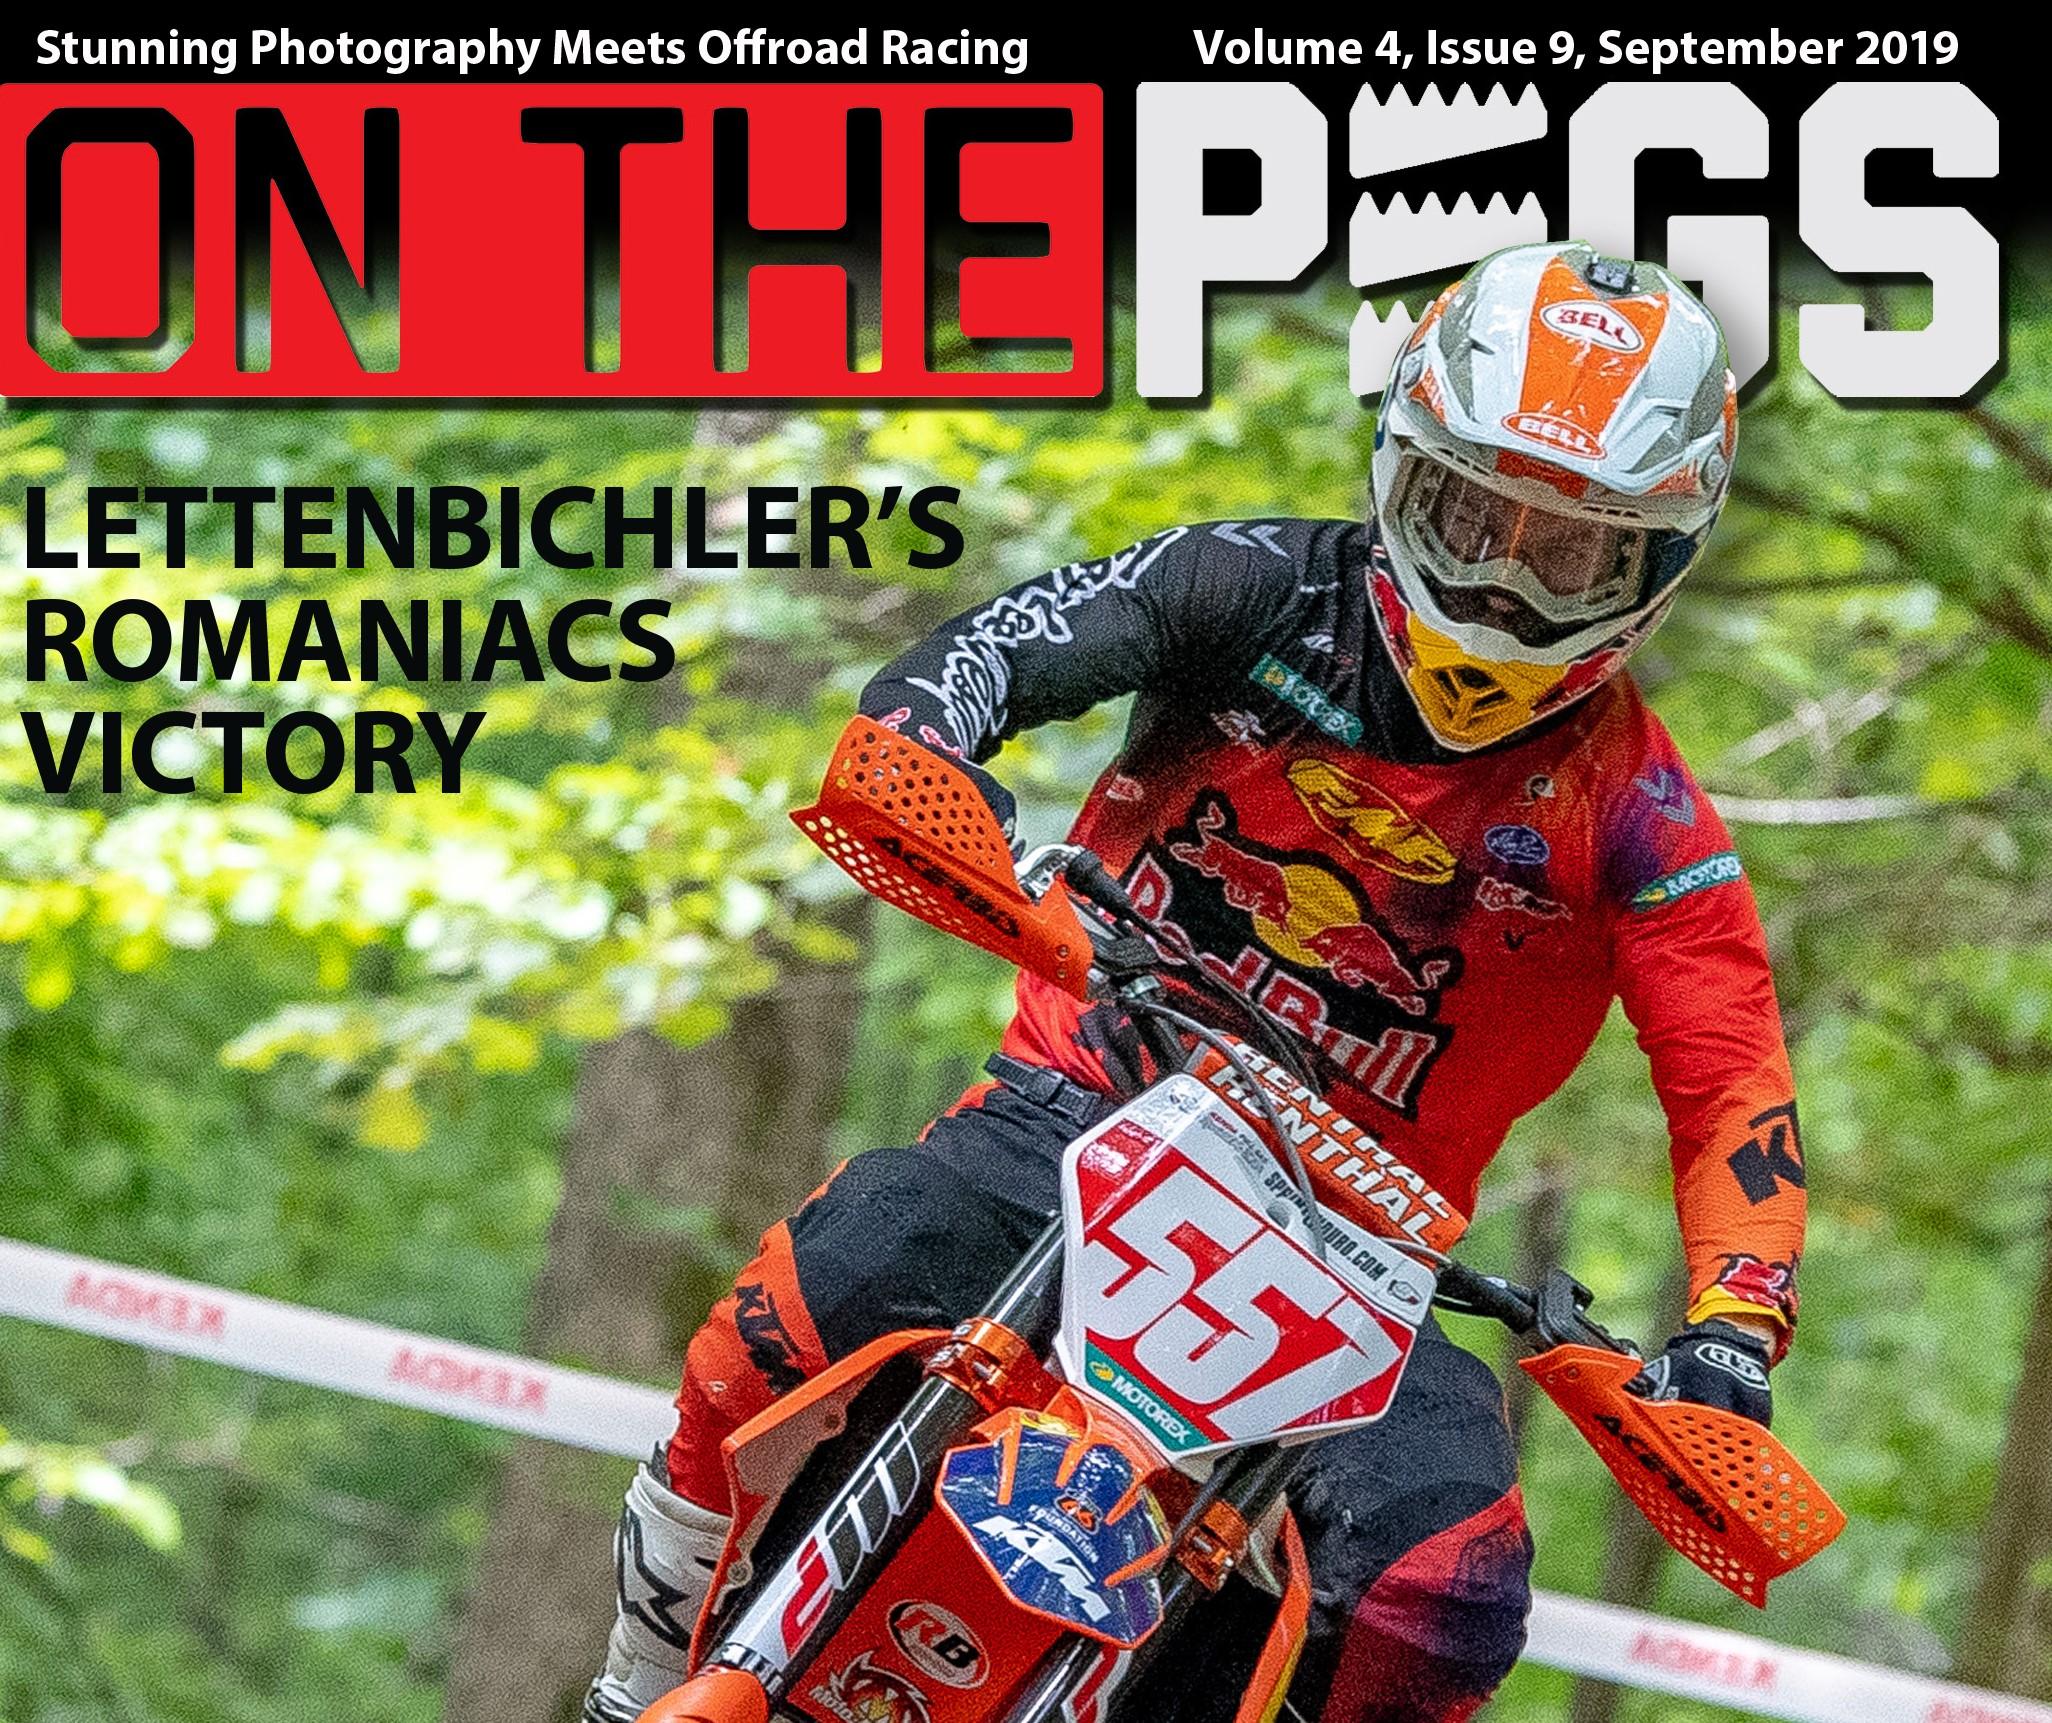 Sept-Cover3.jpg